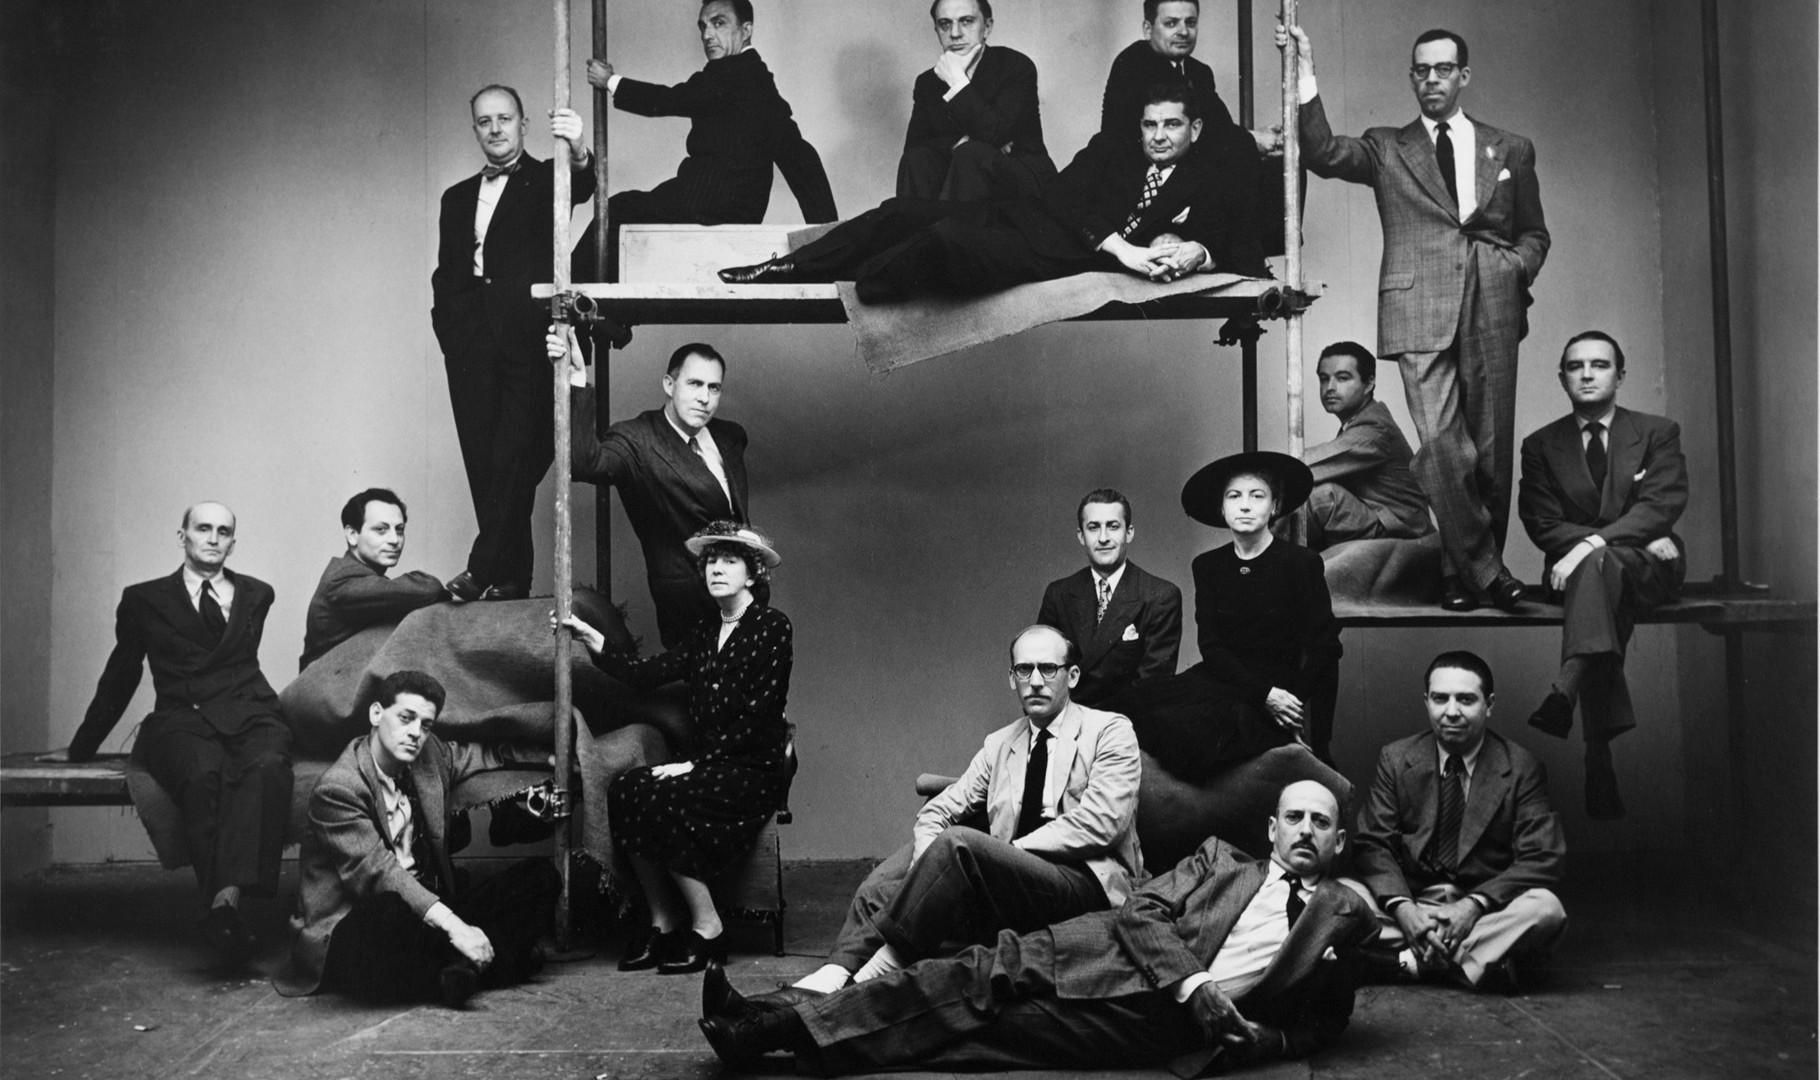 Irving Penn, New Yorker Artists, New York, 1947